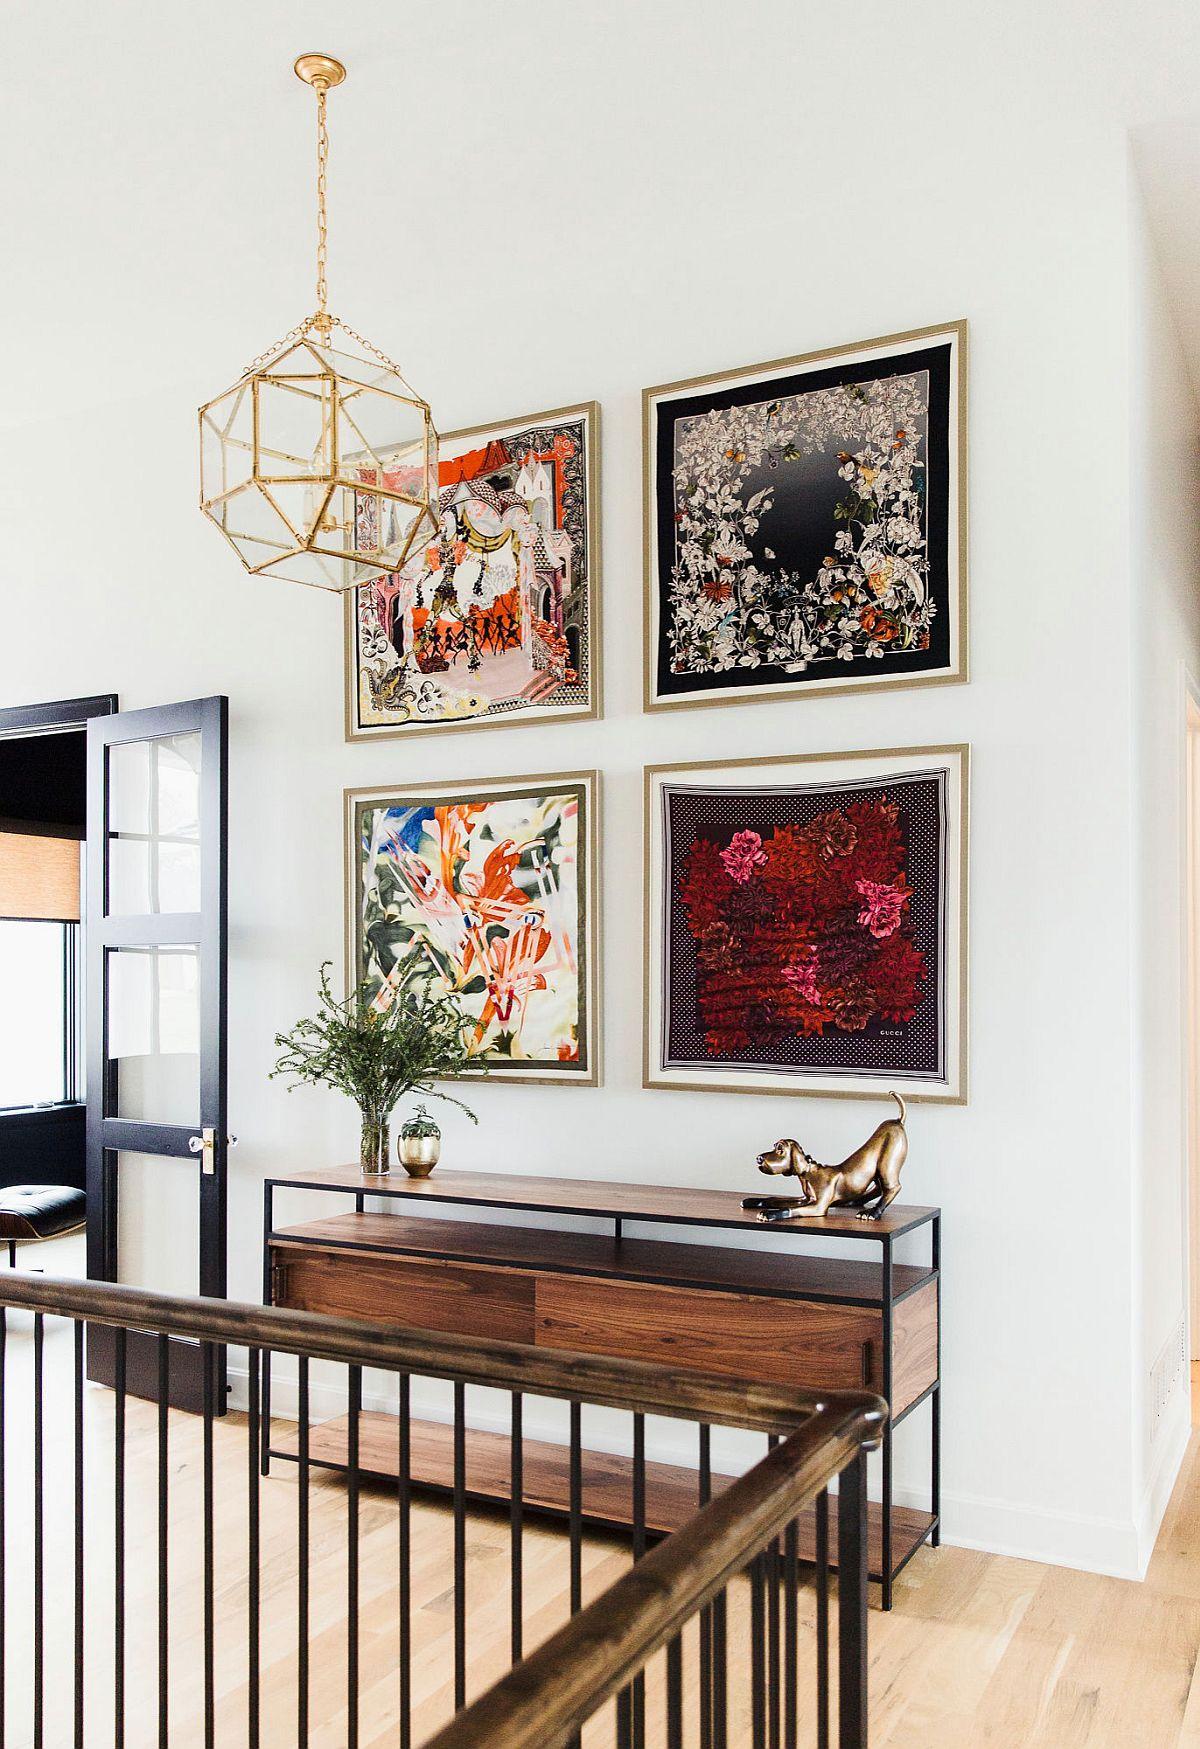 Mặt dây chuyền phong cách địa lý, tác phẩm nghệ thuật trên tường tuyệt đẹp và một chiếc bàn điều khiển mỏng tạo hình cho mục nhập hiện đại này.